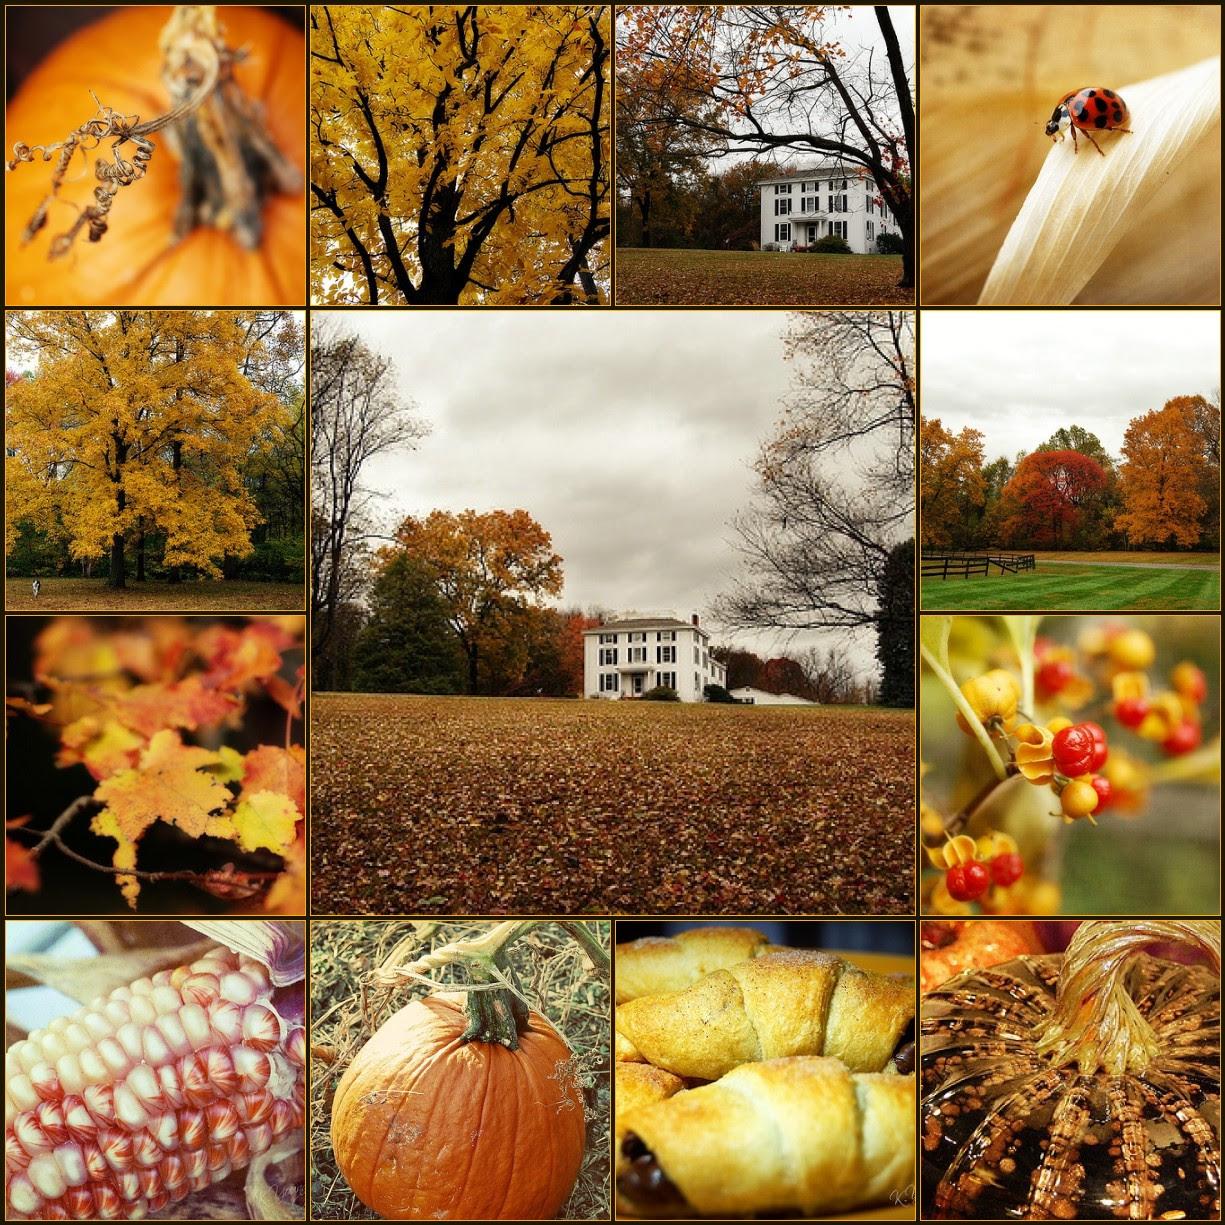 Mosaic: Autumn hues